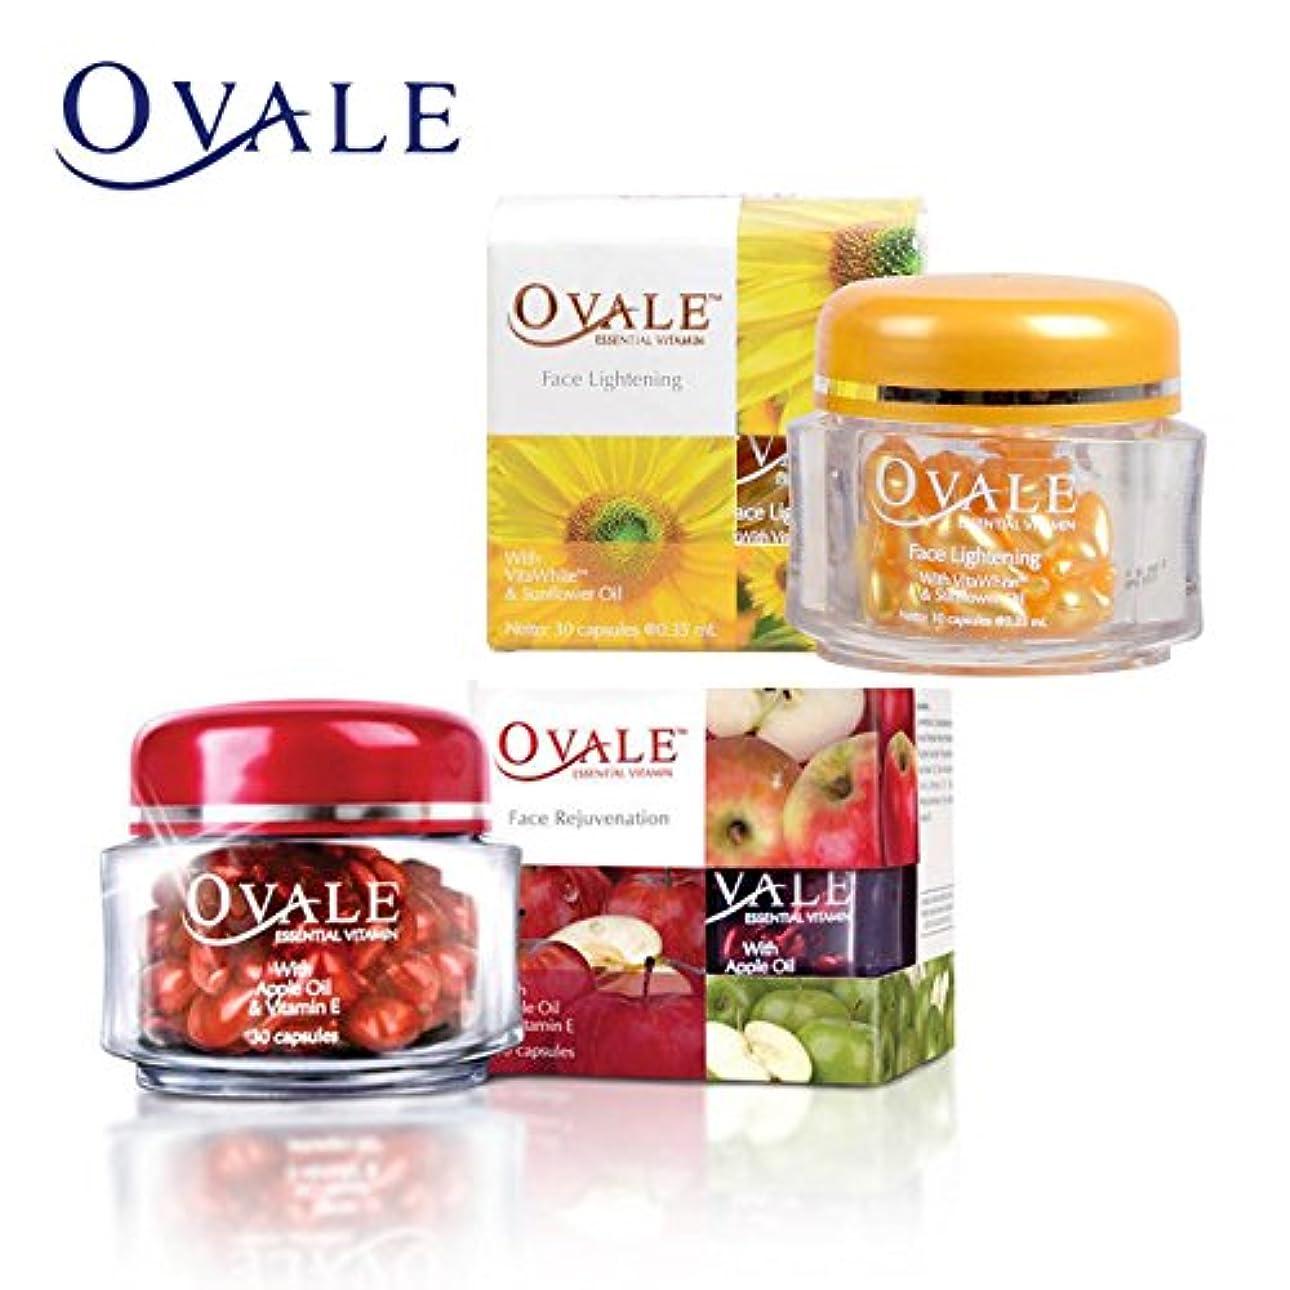 ガウンケープひねくれたOvale オーバル フェイシャル美容液 essential vitamin エッセンシャルビタミン 30粒入ボトル×5個 アップル [海外直送品]